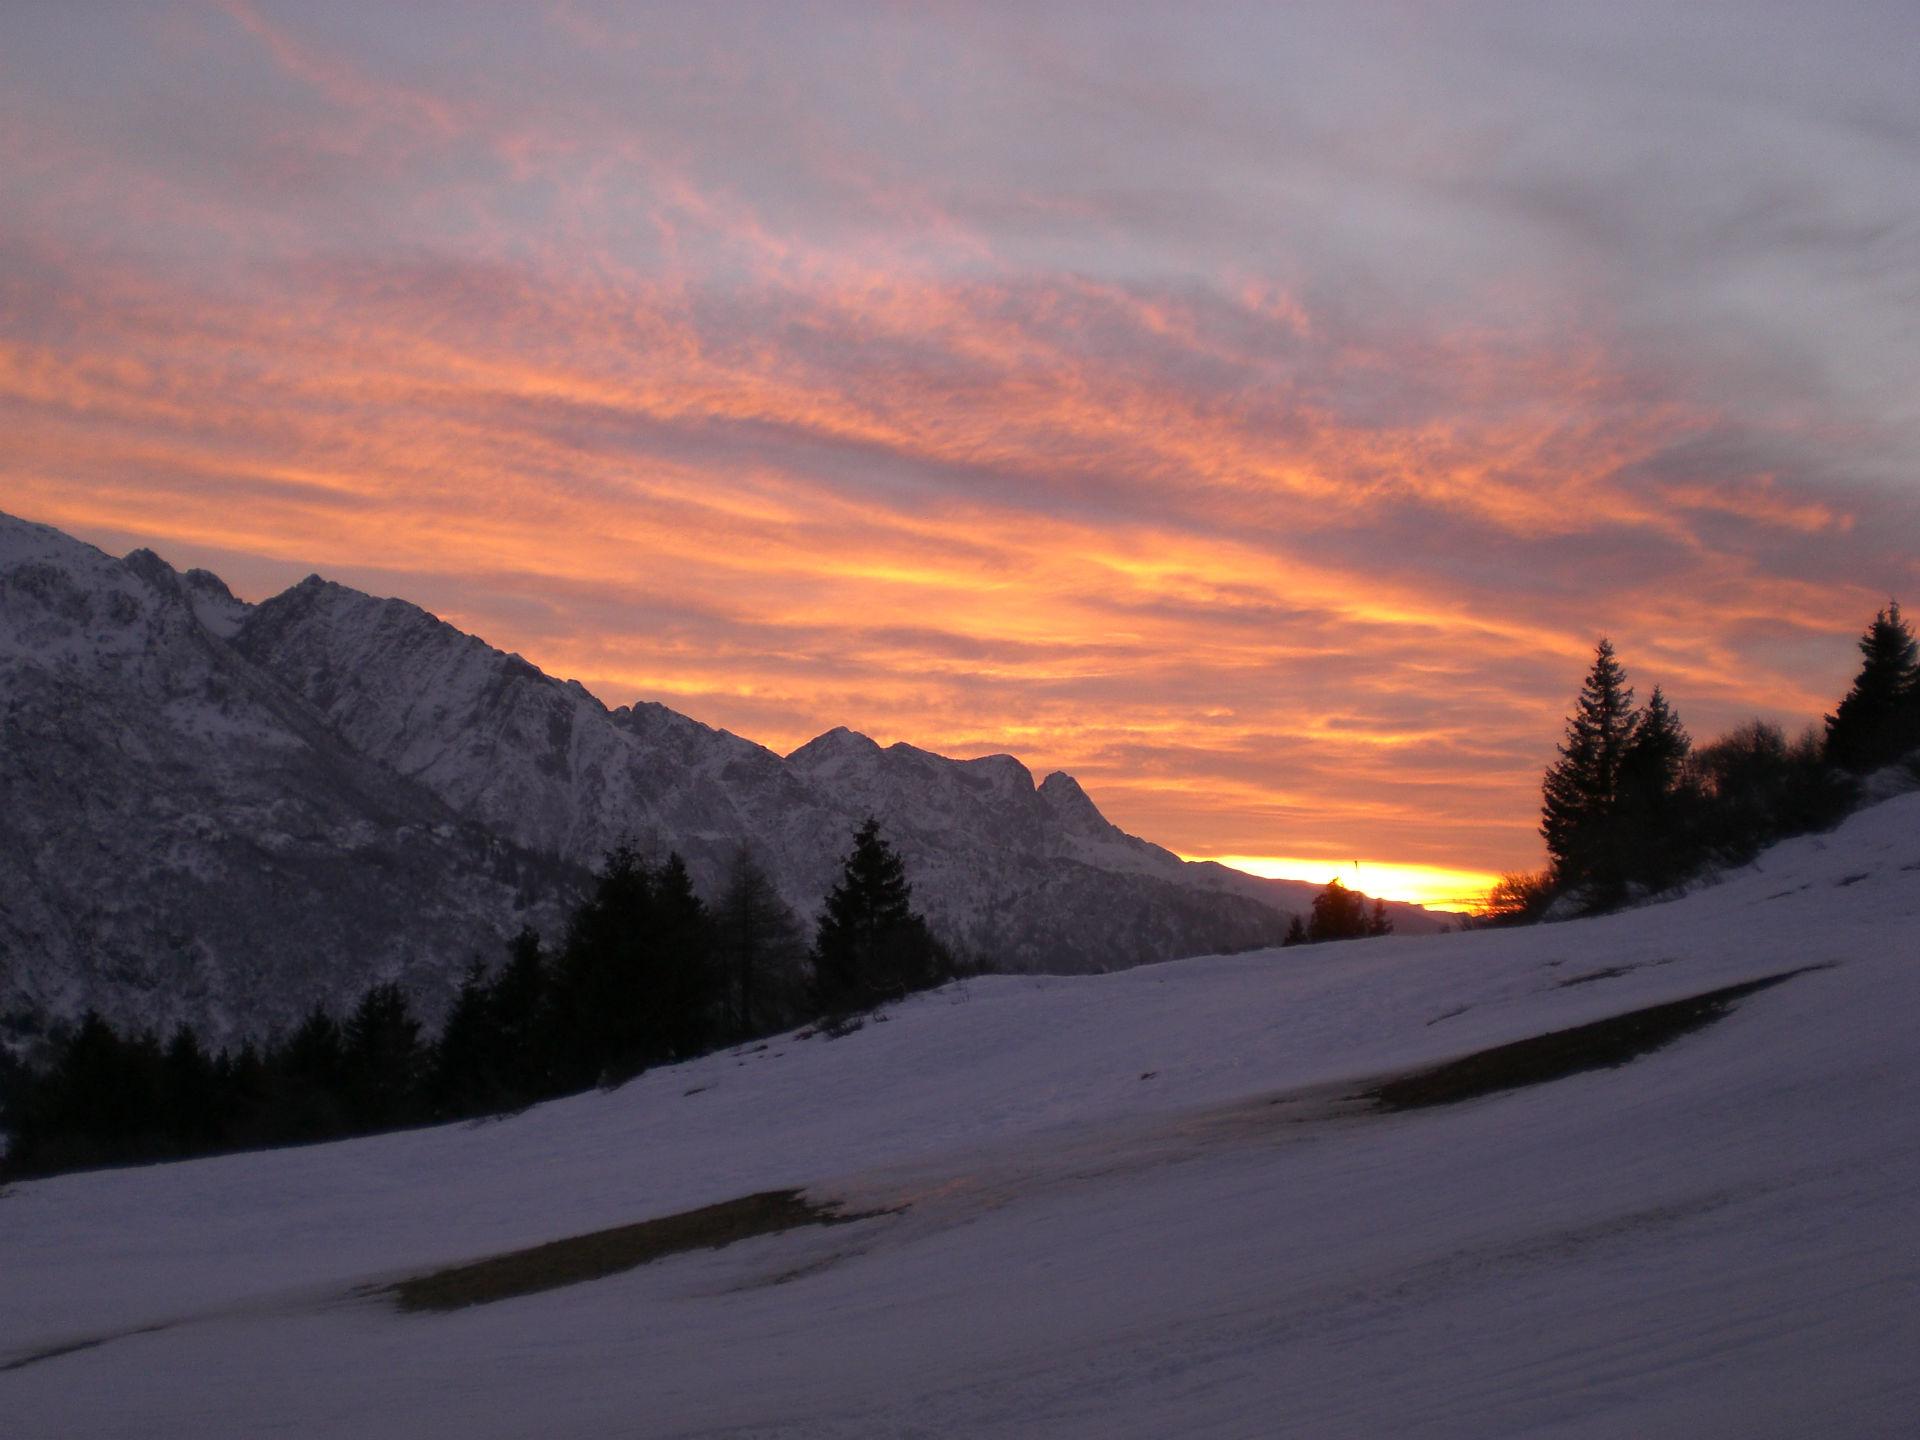 tramonto bellissimo in montagna dal Tonale foto di tramonti foto al tramonto